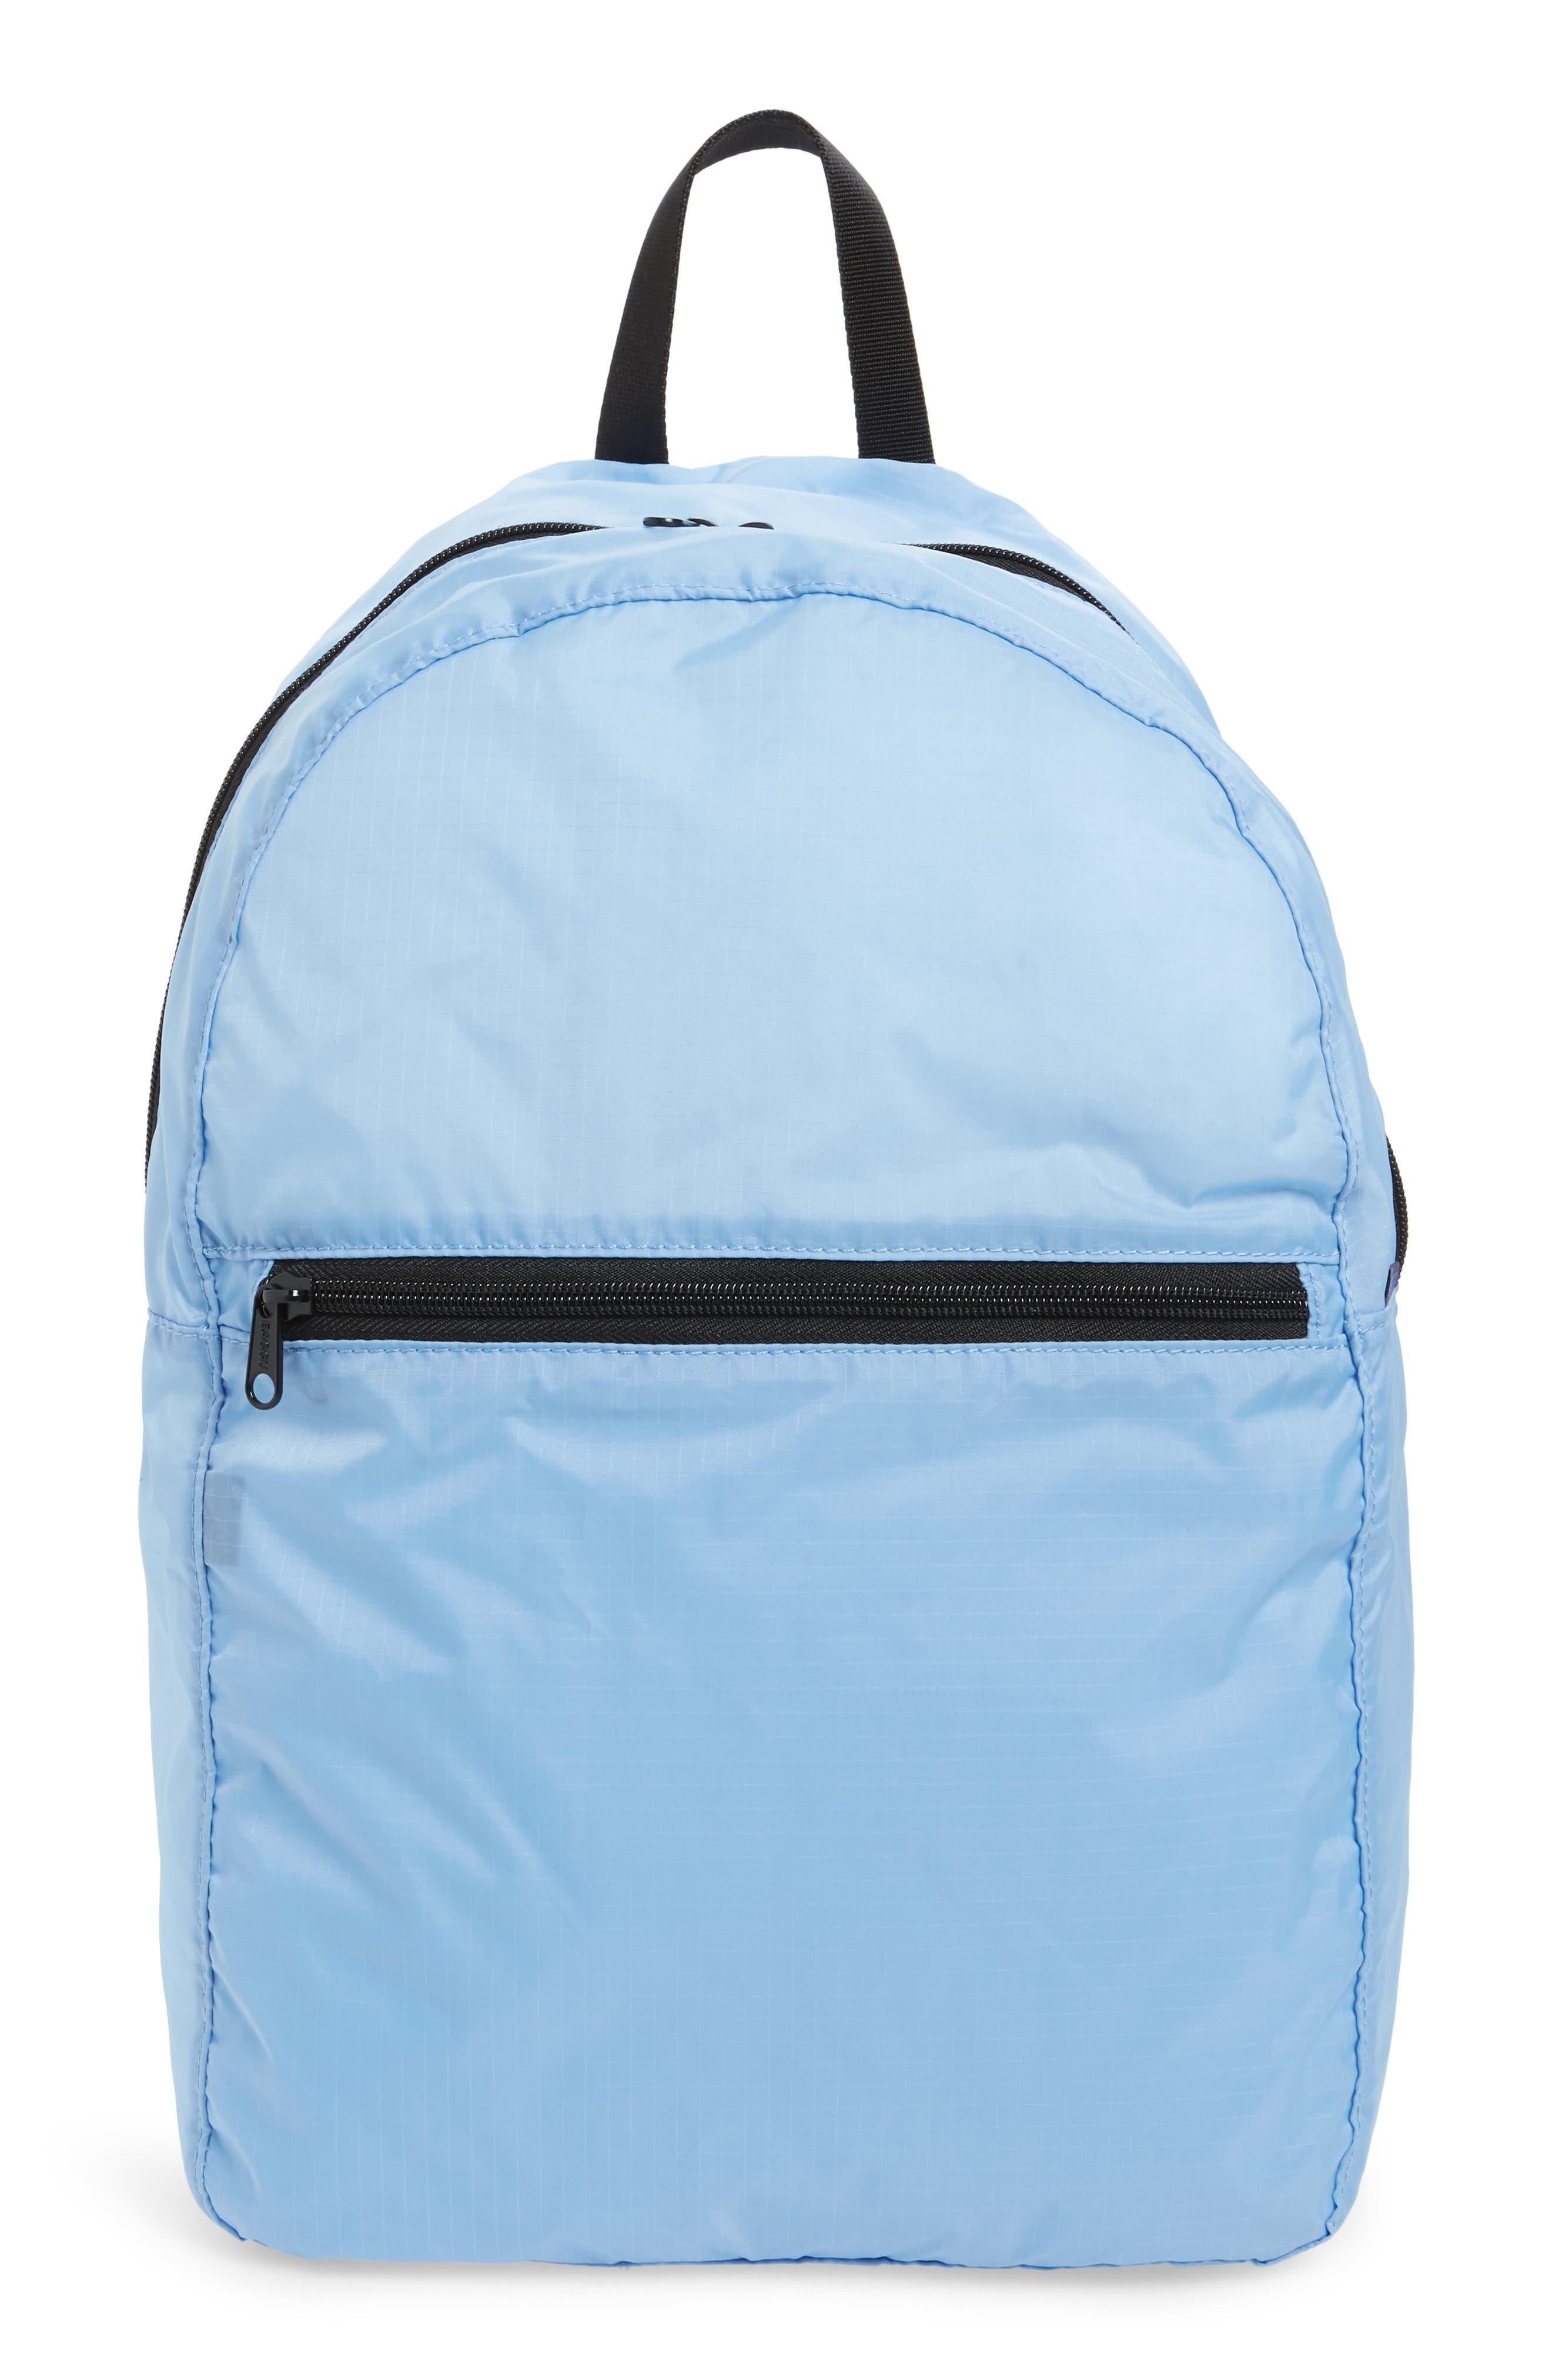 Ripstop Nylon Backpack,                             Main thumbnail 3, color,